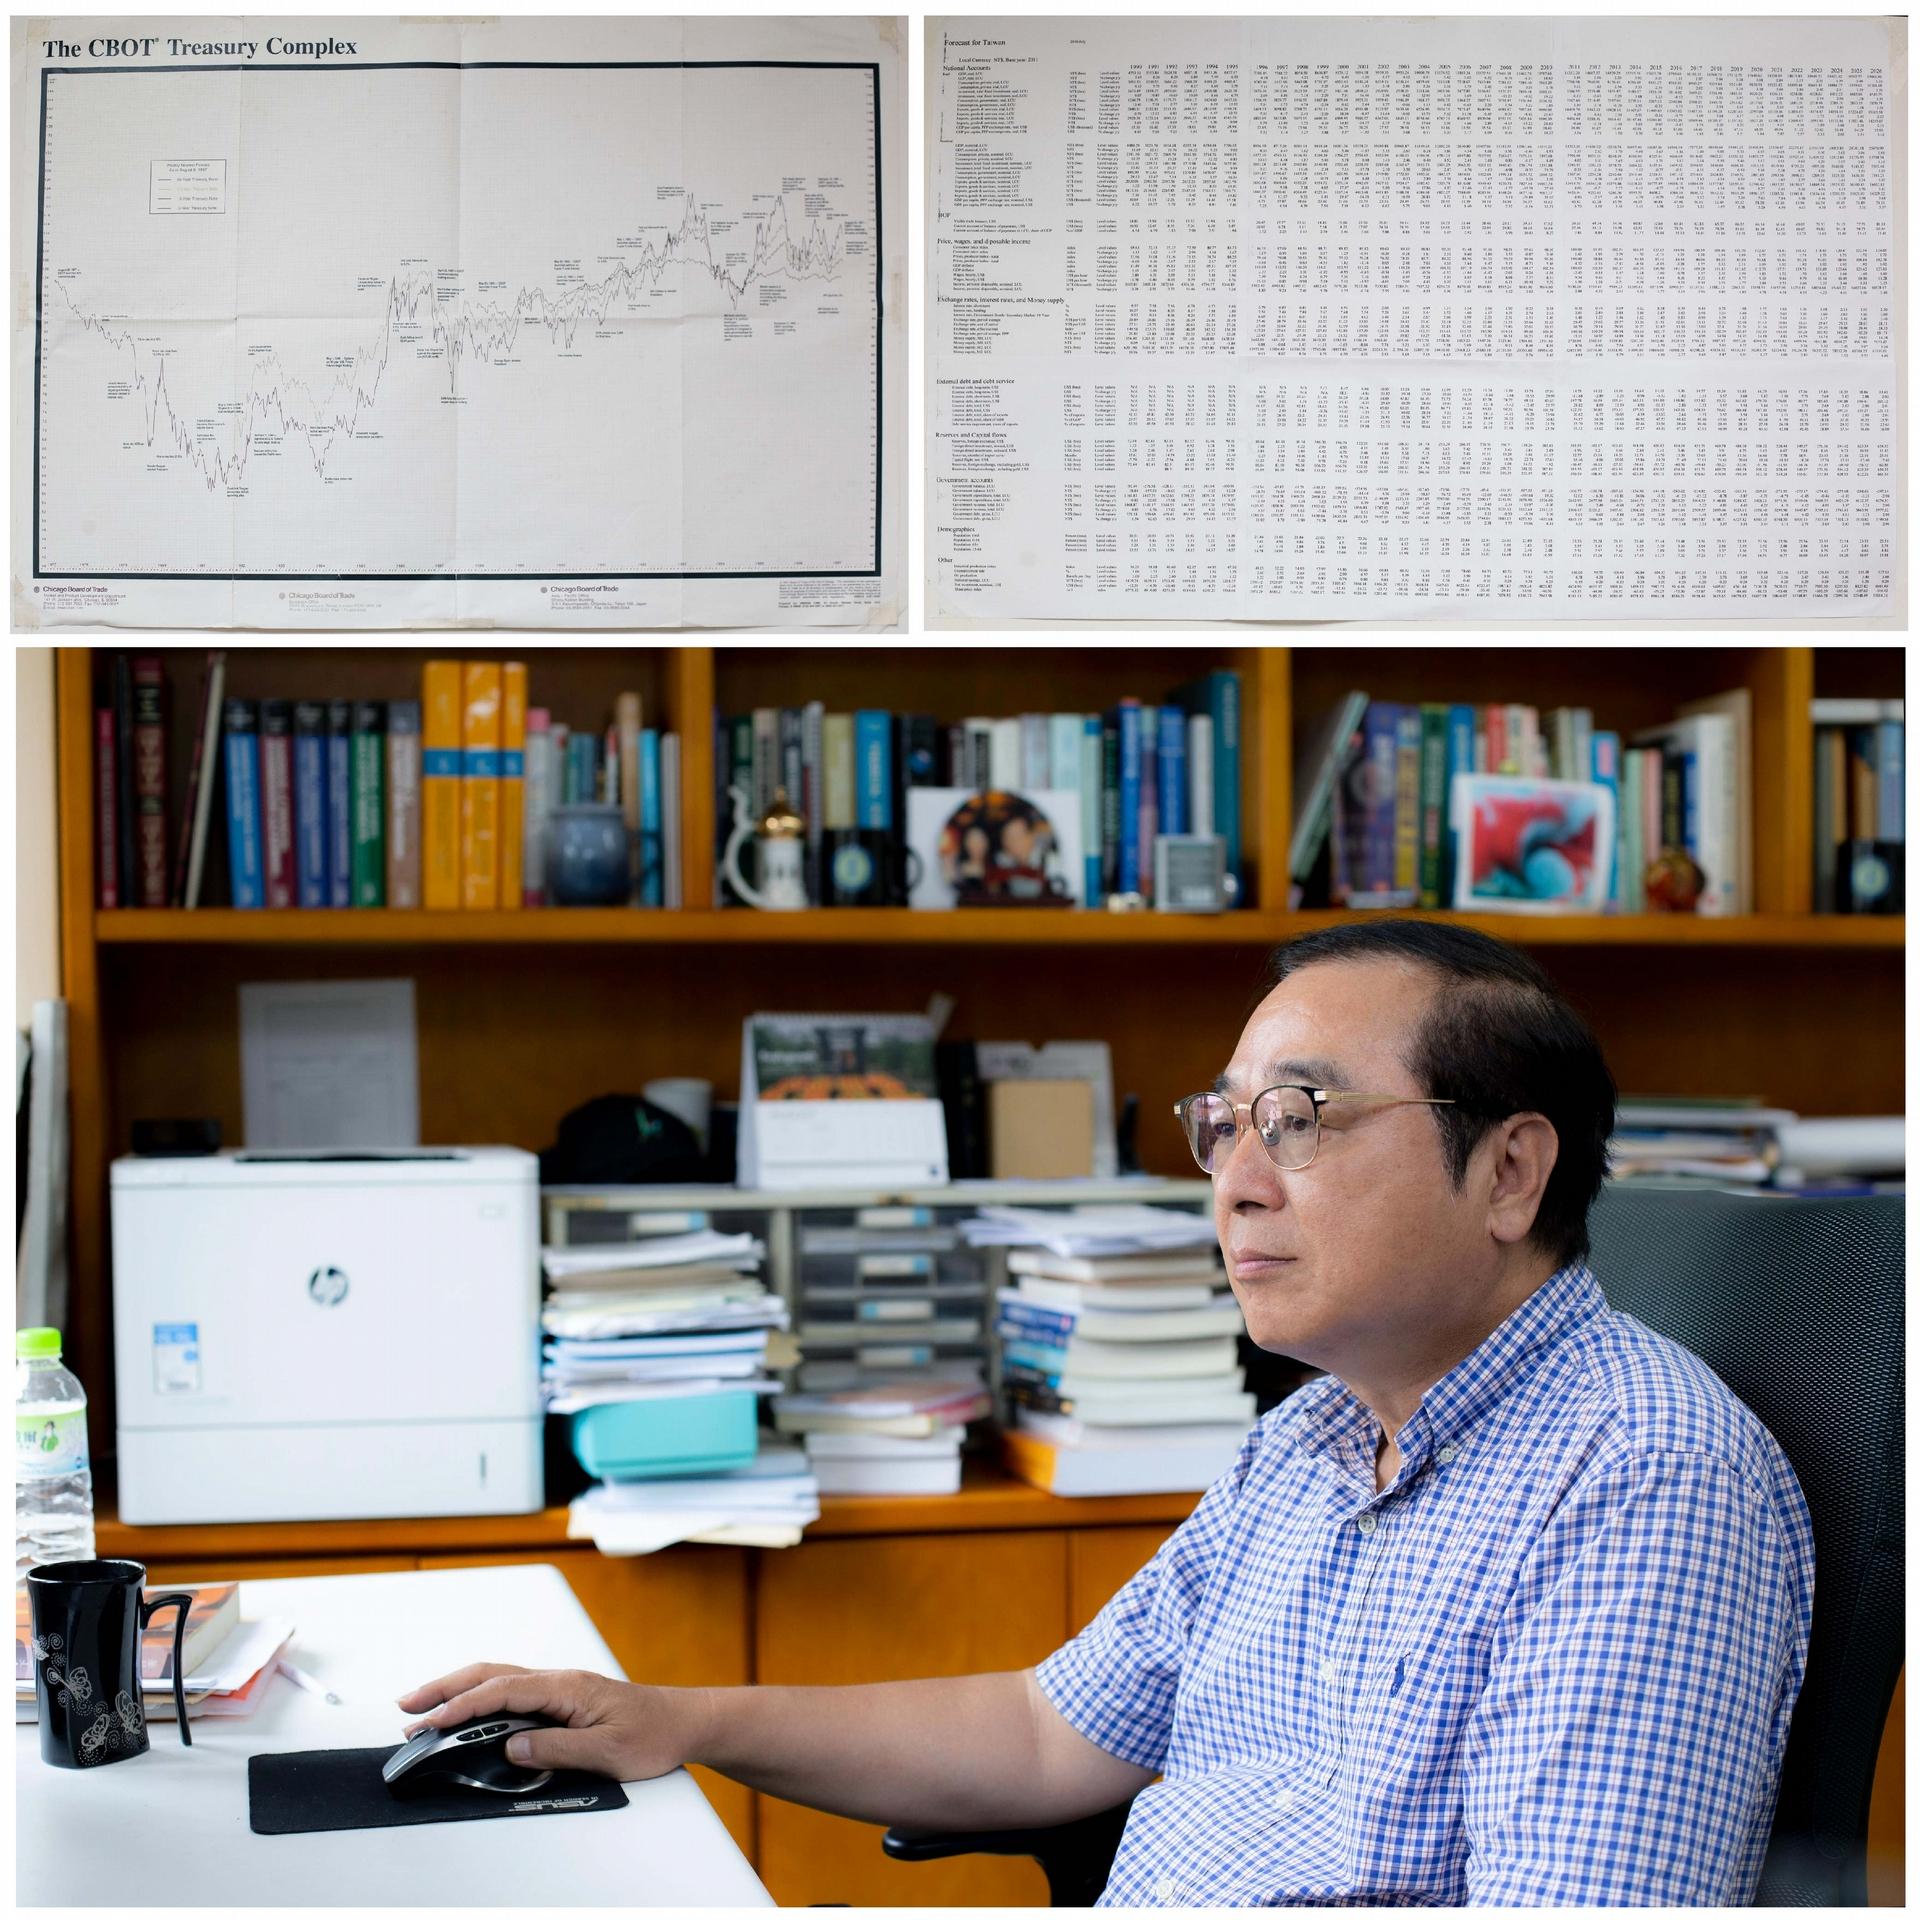 今年剛從研究員退休的周雨田,轉任兼任研究員,繼續為年底的經濟預測努力。走入辦公室,牆上貼著幾張描繪經濟走勢的圖表,一組組書櫃盡是經濟學相關書籍。每年影響臺灣重大經濟政策、商業發展的報告,就出自這間看似尋常的研究室。 圖│研之有物